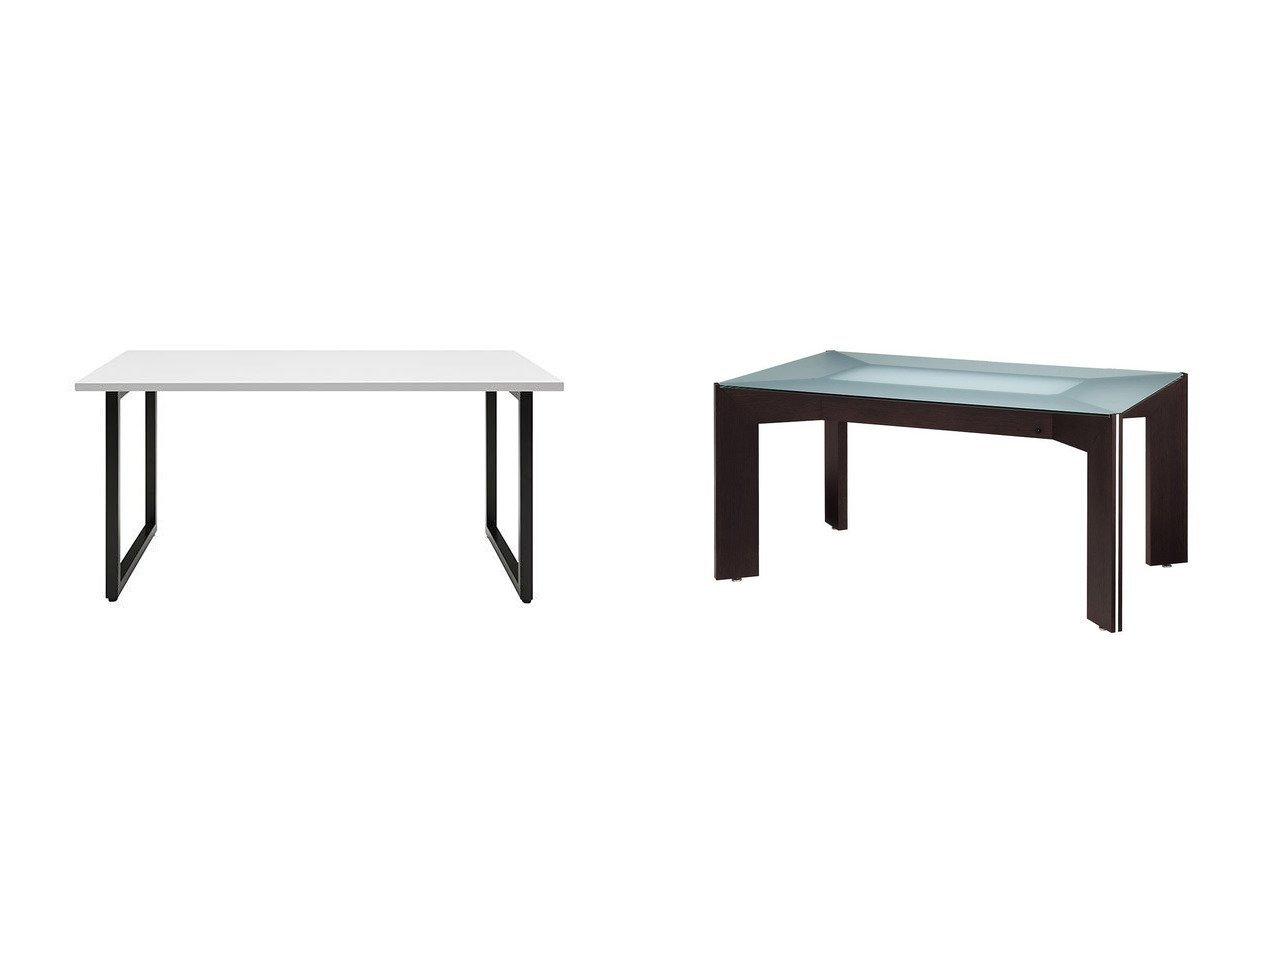 【FLYMEe Noir/フライミー ノワール】のフーガ ダイニングテーブル&ダイニングテーブル 幅150cm f58101(ホワイト天板) 【FURNITURE】おすすめ!人気、インテリア・家具の通販 おすすめで人気の流行・トレンド、ファッションの通販商品 メンズファッション・キッズファッション・インテリア・家具・レディースファッション・服の通販 founy(ファニー) https://founy.com/ テーブル モダン ガラス フレーム ラグジュアリー ホーム・キャンプ・アウトドア Home,Garden,Outdoor,Camping Gear 家具・インテリア Furniture テーブル Table ダイニングテーブル |ID:crp329100000039815